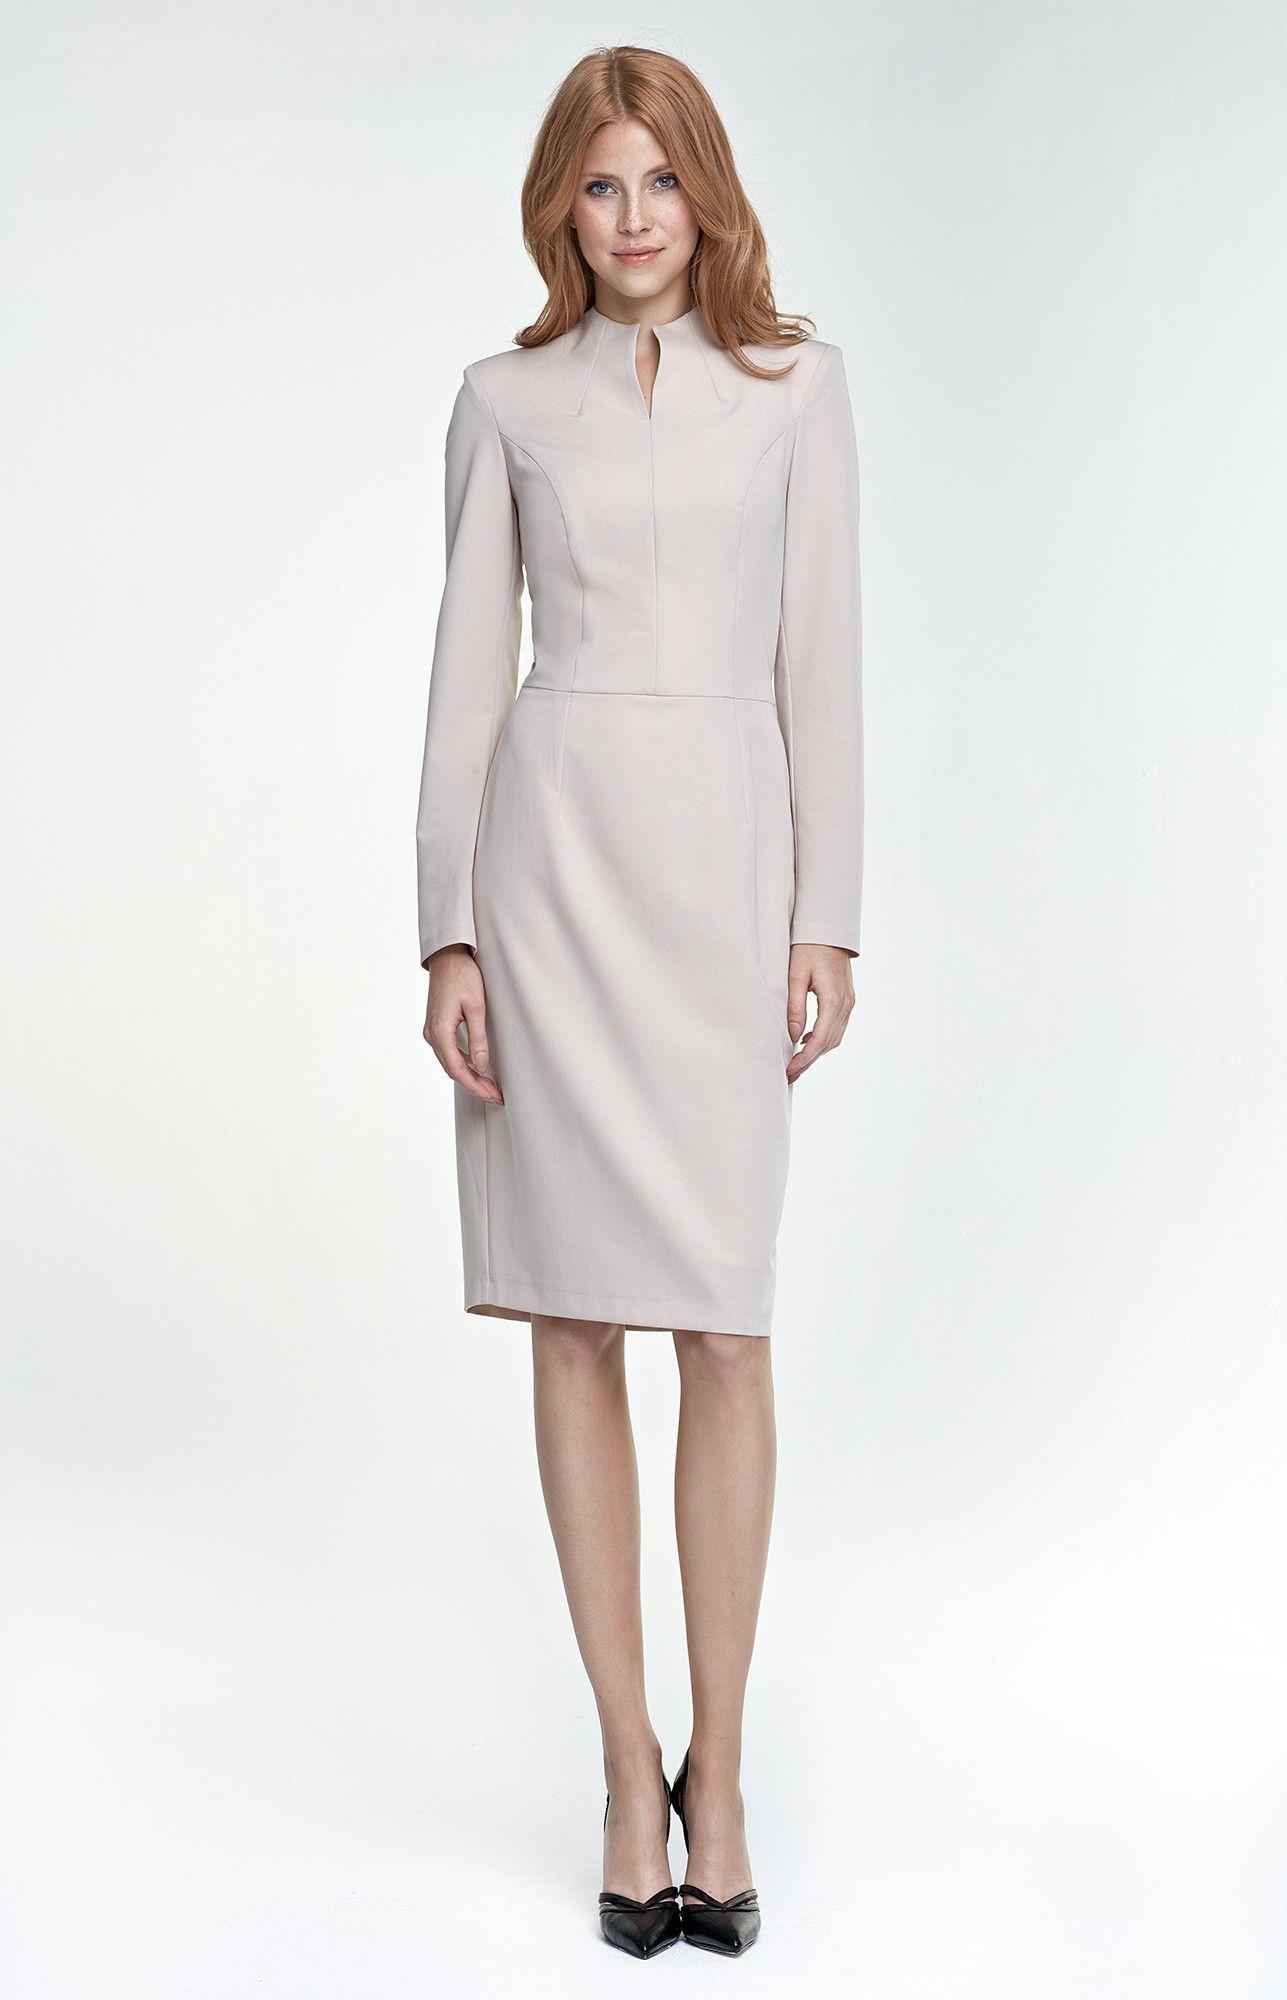 51509778cc7 Une+robe+stricte+à+manches+longues +beige+et+col+montant+pour+un+parfait+working+girl+look.